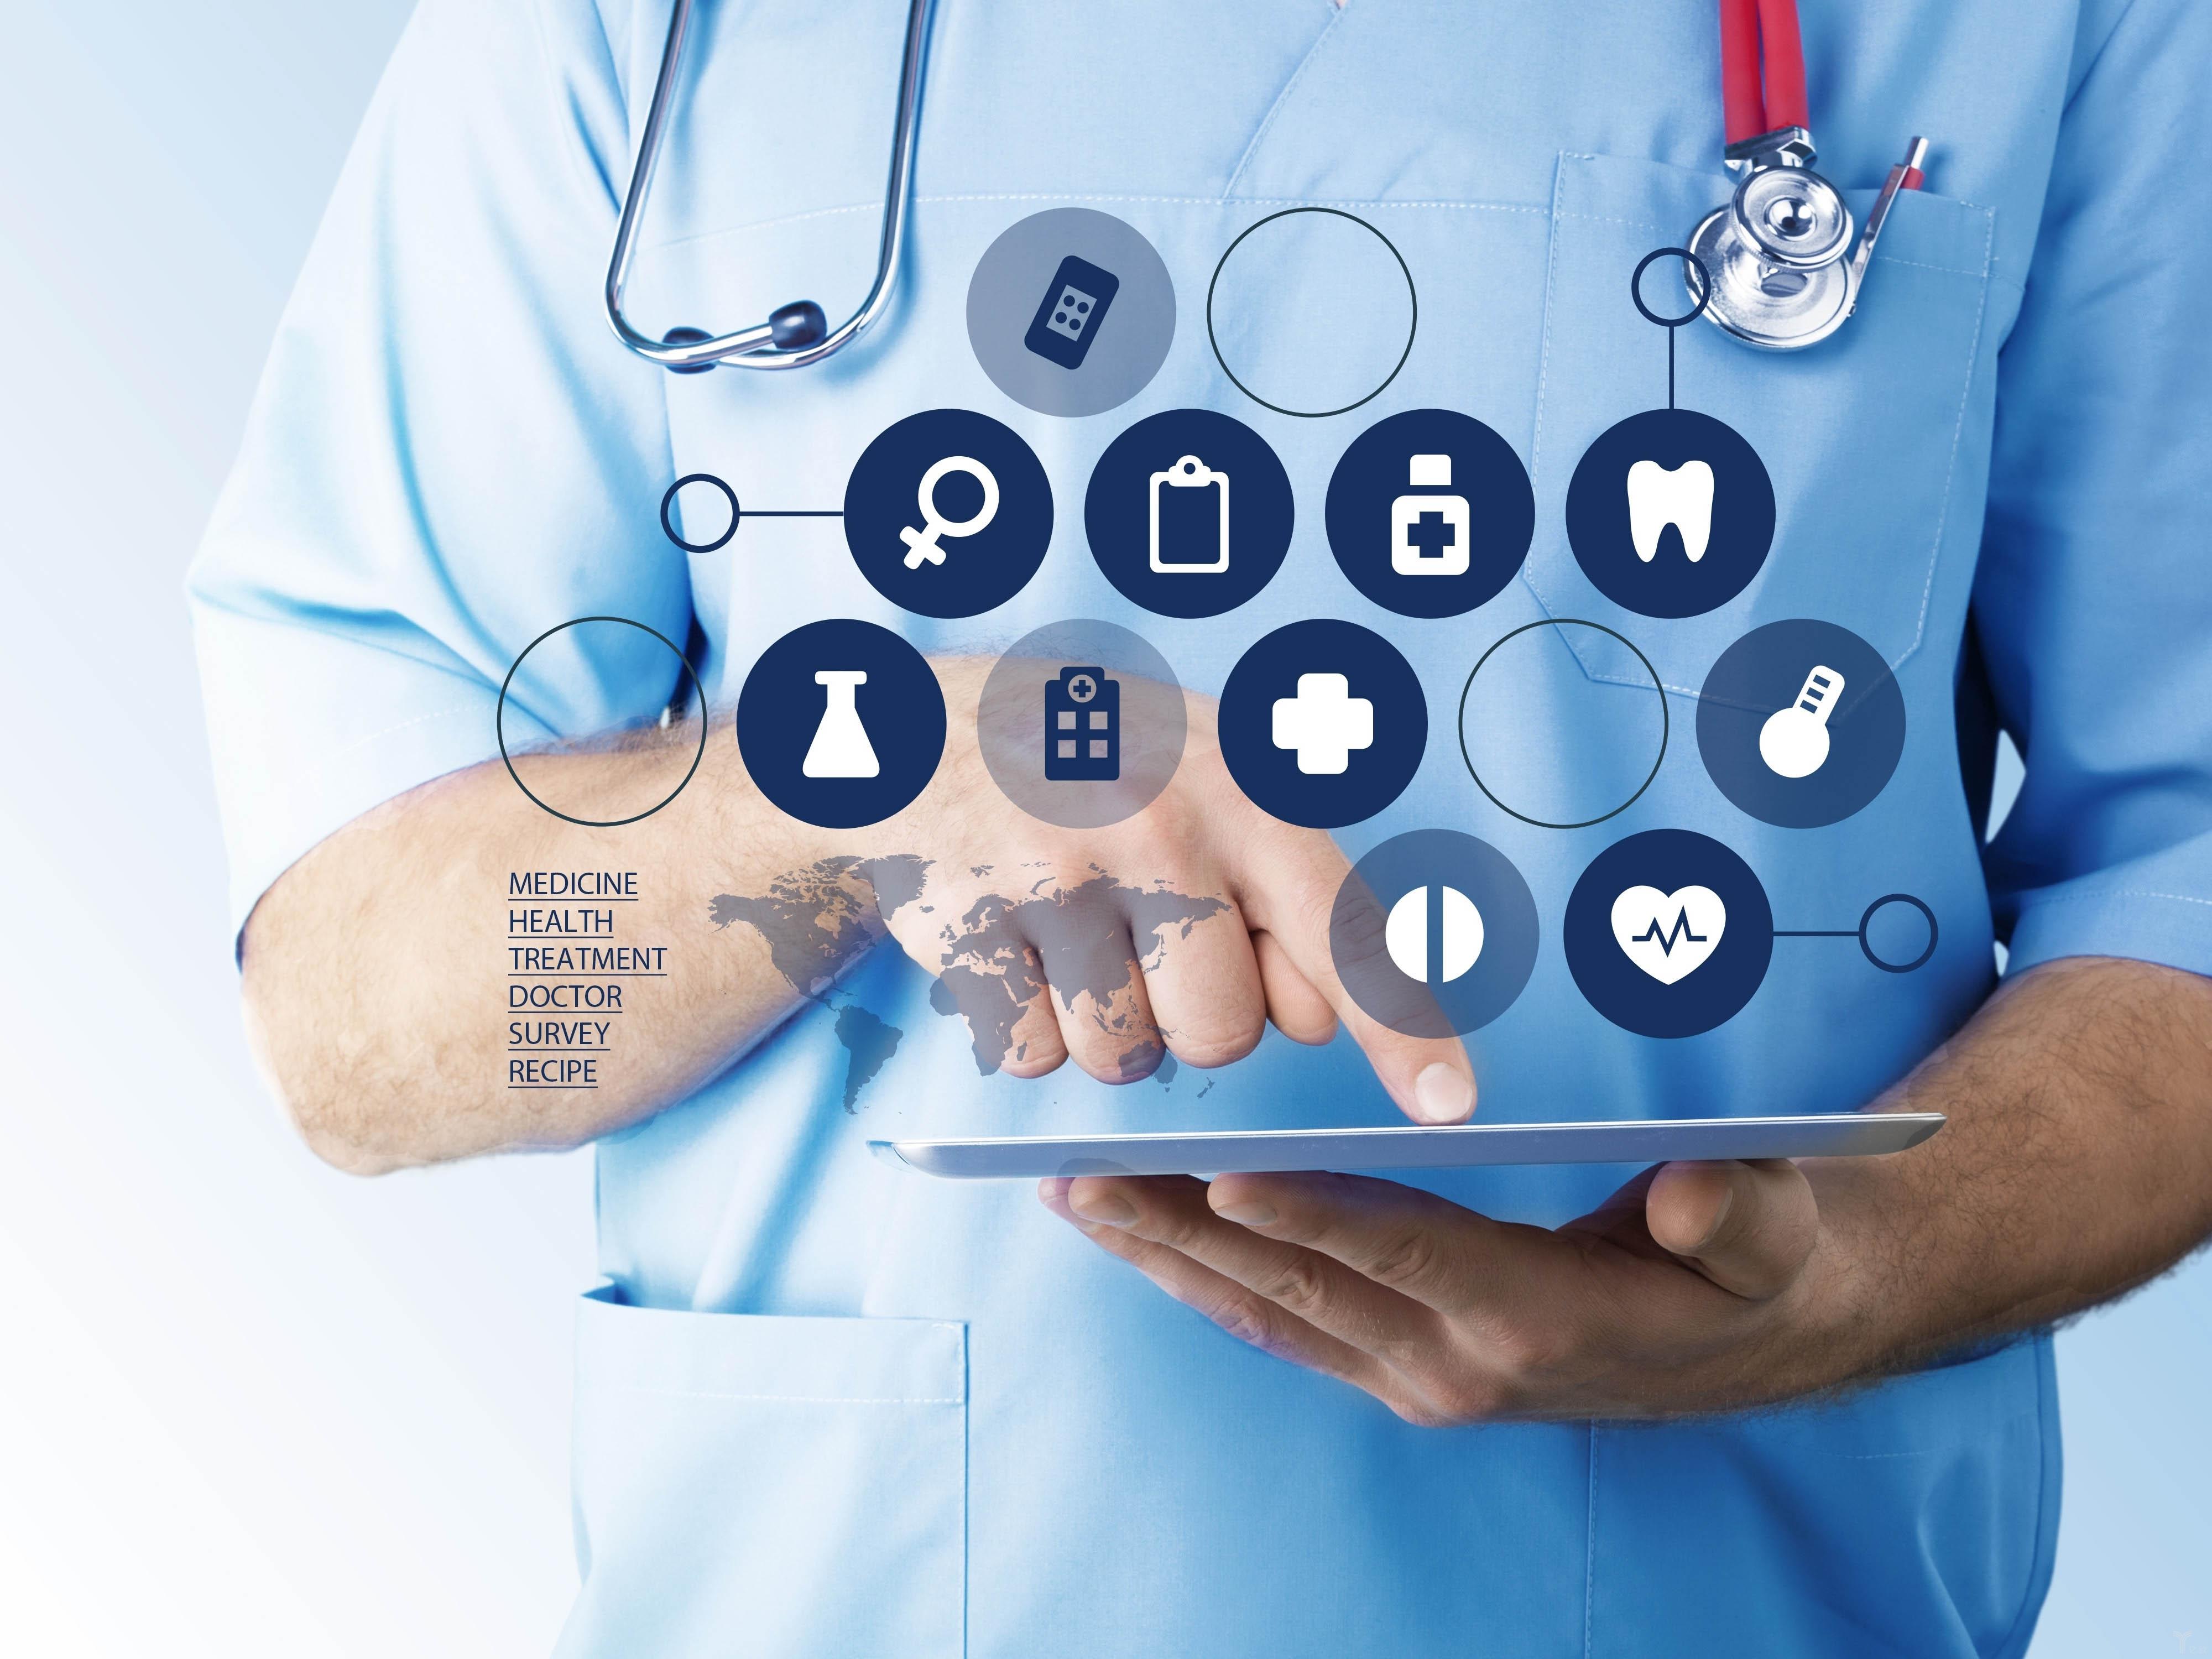 愹aiyil�kjz`/:a�_安托金融:ai是一场改变医疗行业的革新